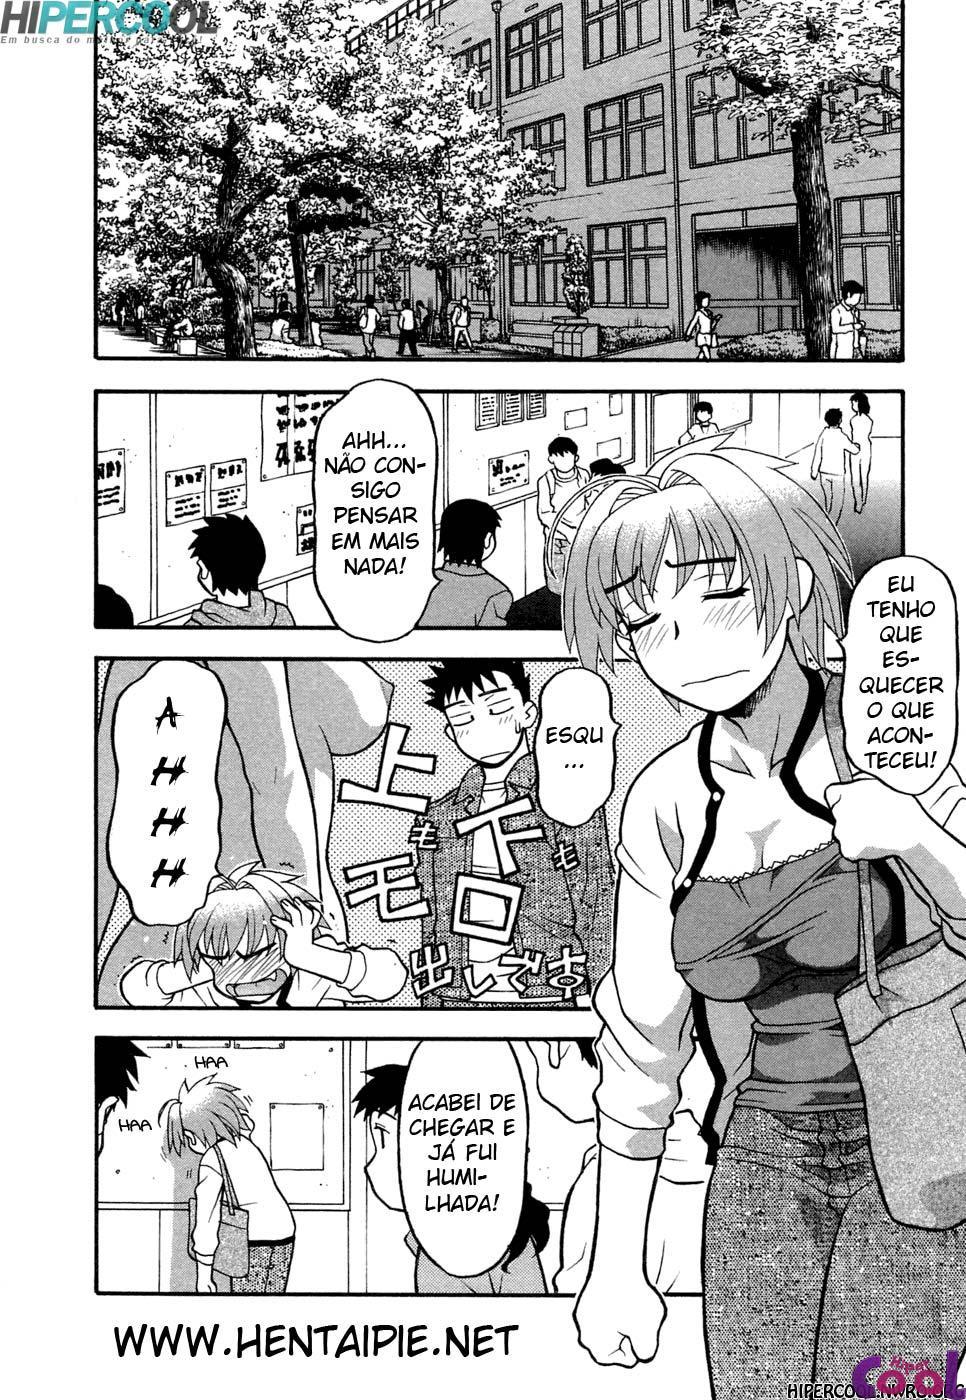 Hentai Encontros são sempre inesperados!